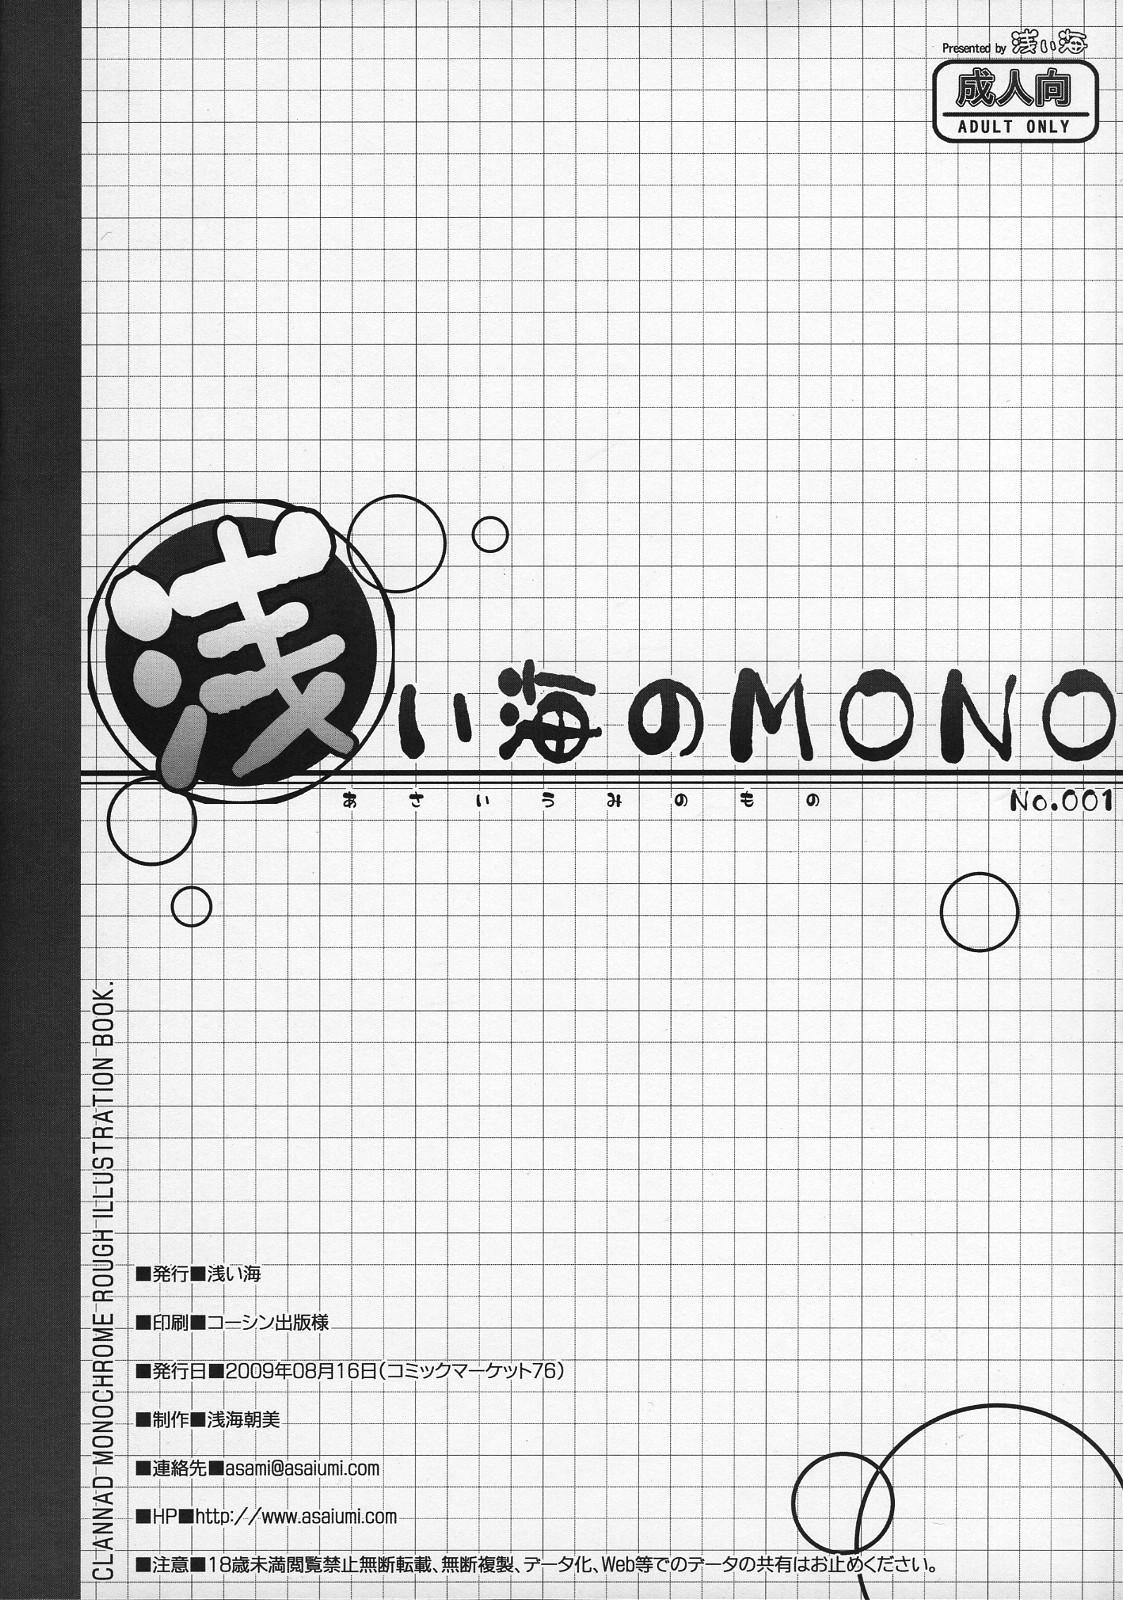 Asaiumi no MONO No.001 11